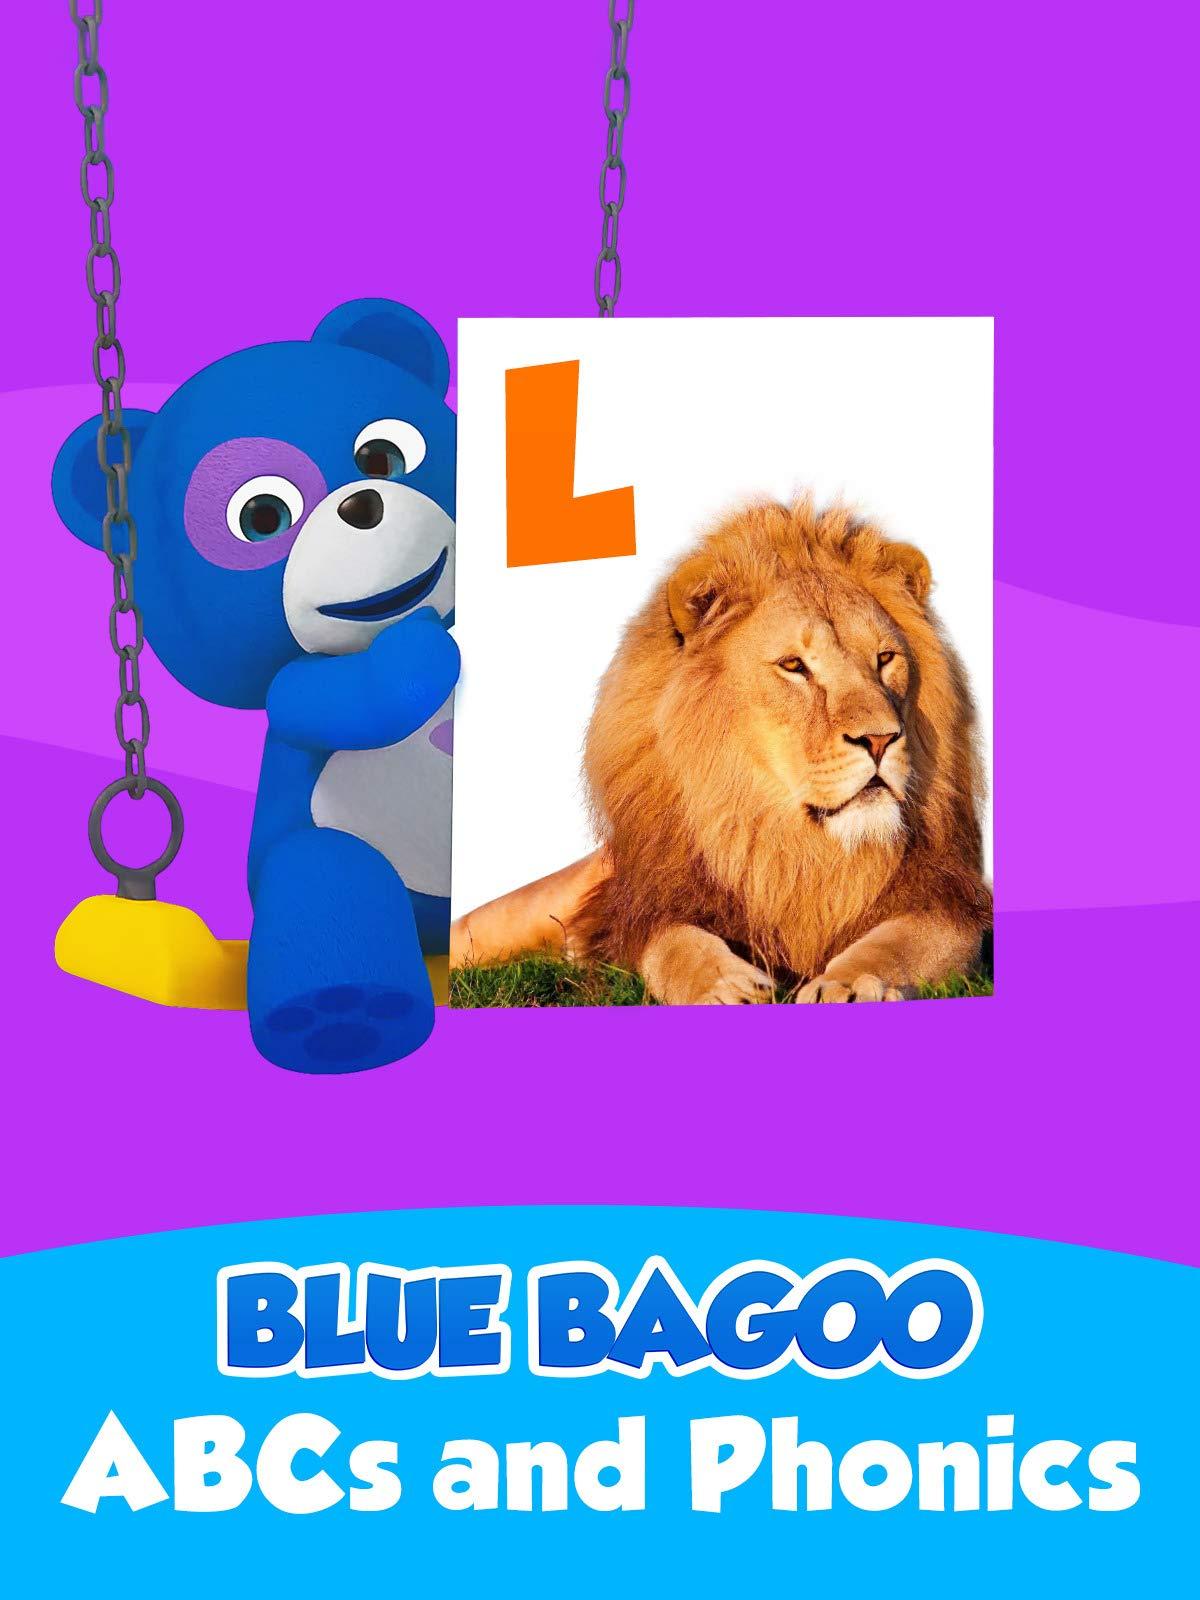 Blue Bagoo ABCs and Phonics